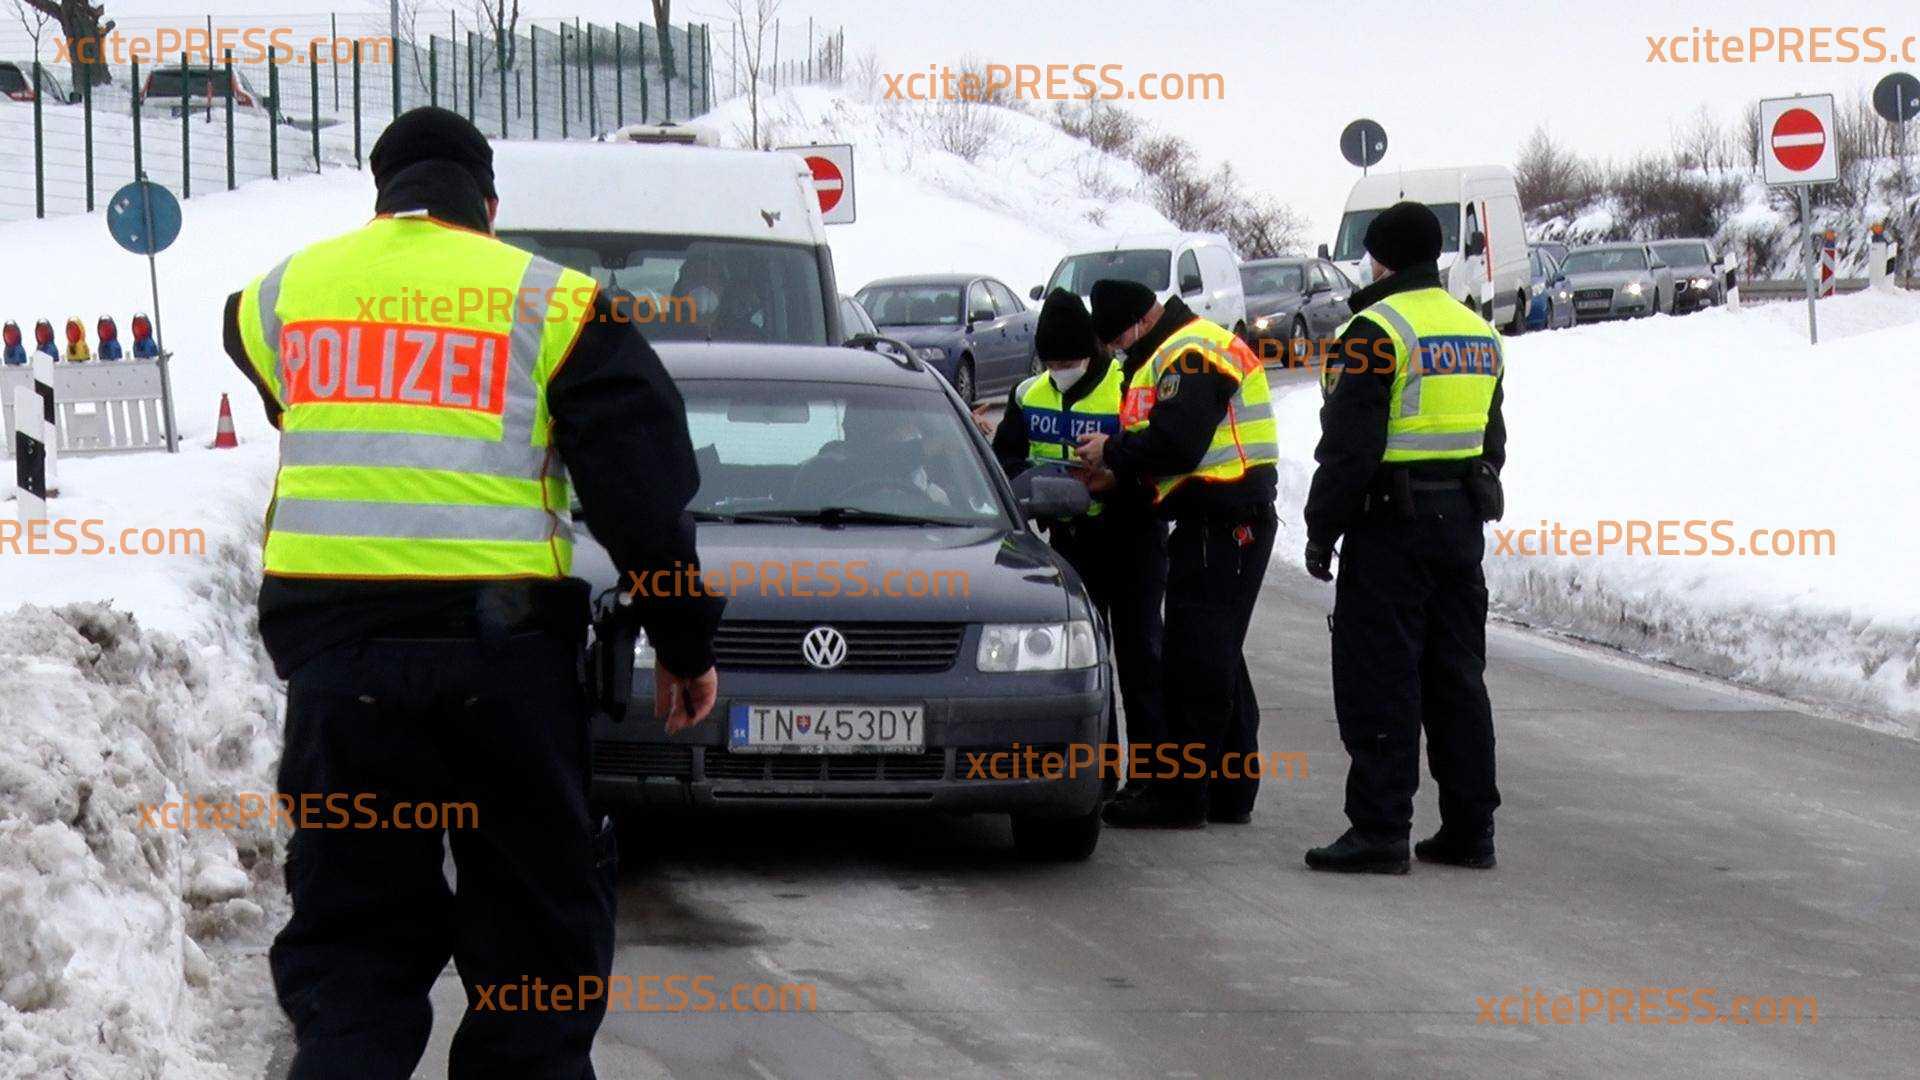 Grenzkontrollen sorgen für lange Stau auf tschechischer Seite der A17: Polizei versucht PKW zu filtern